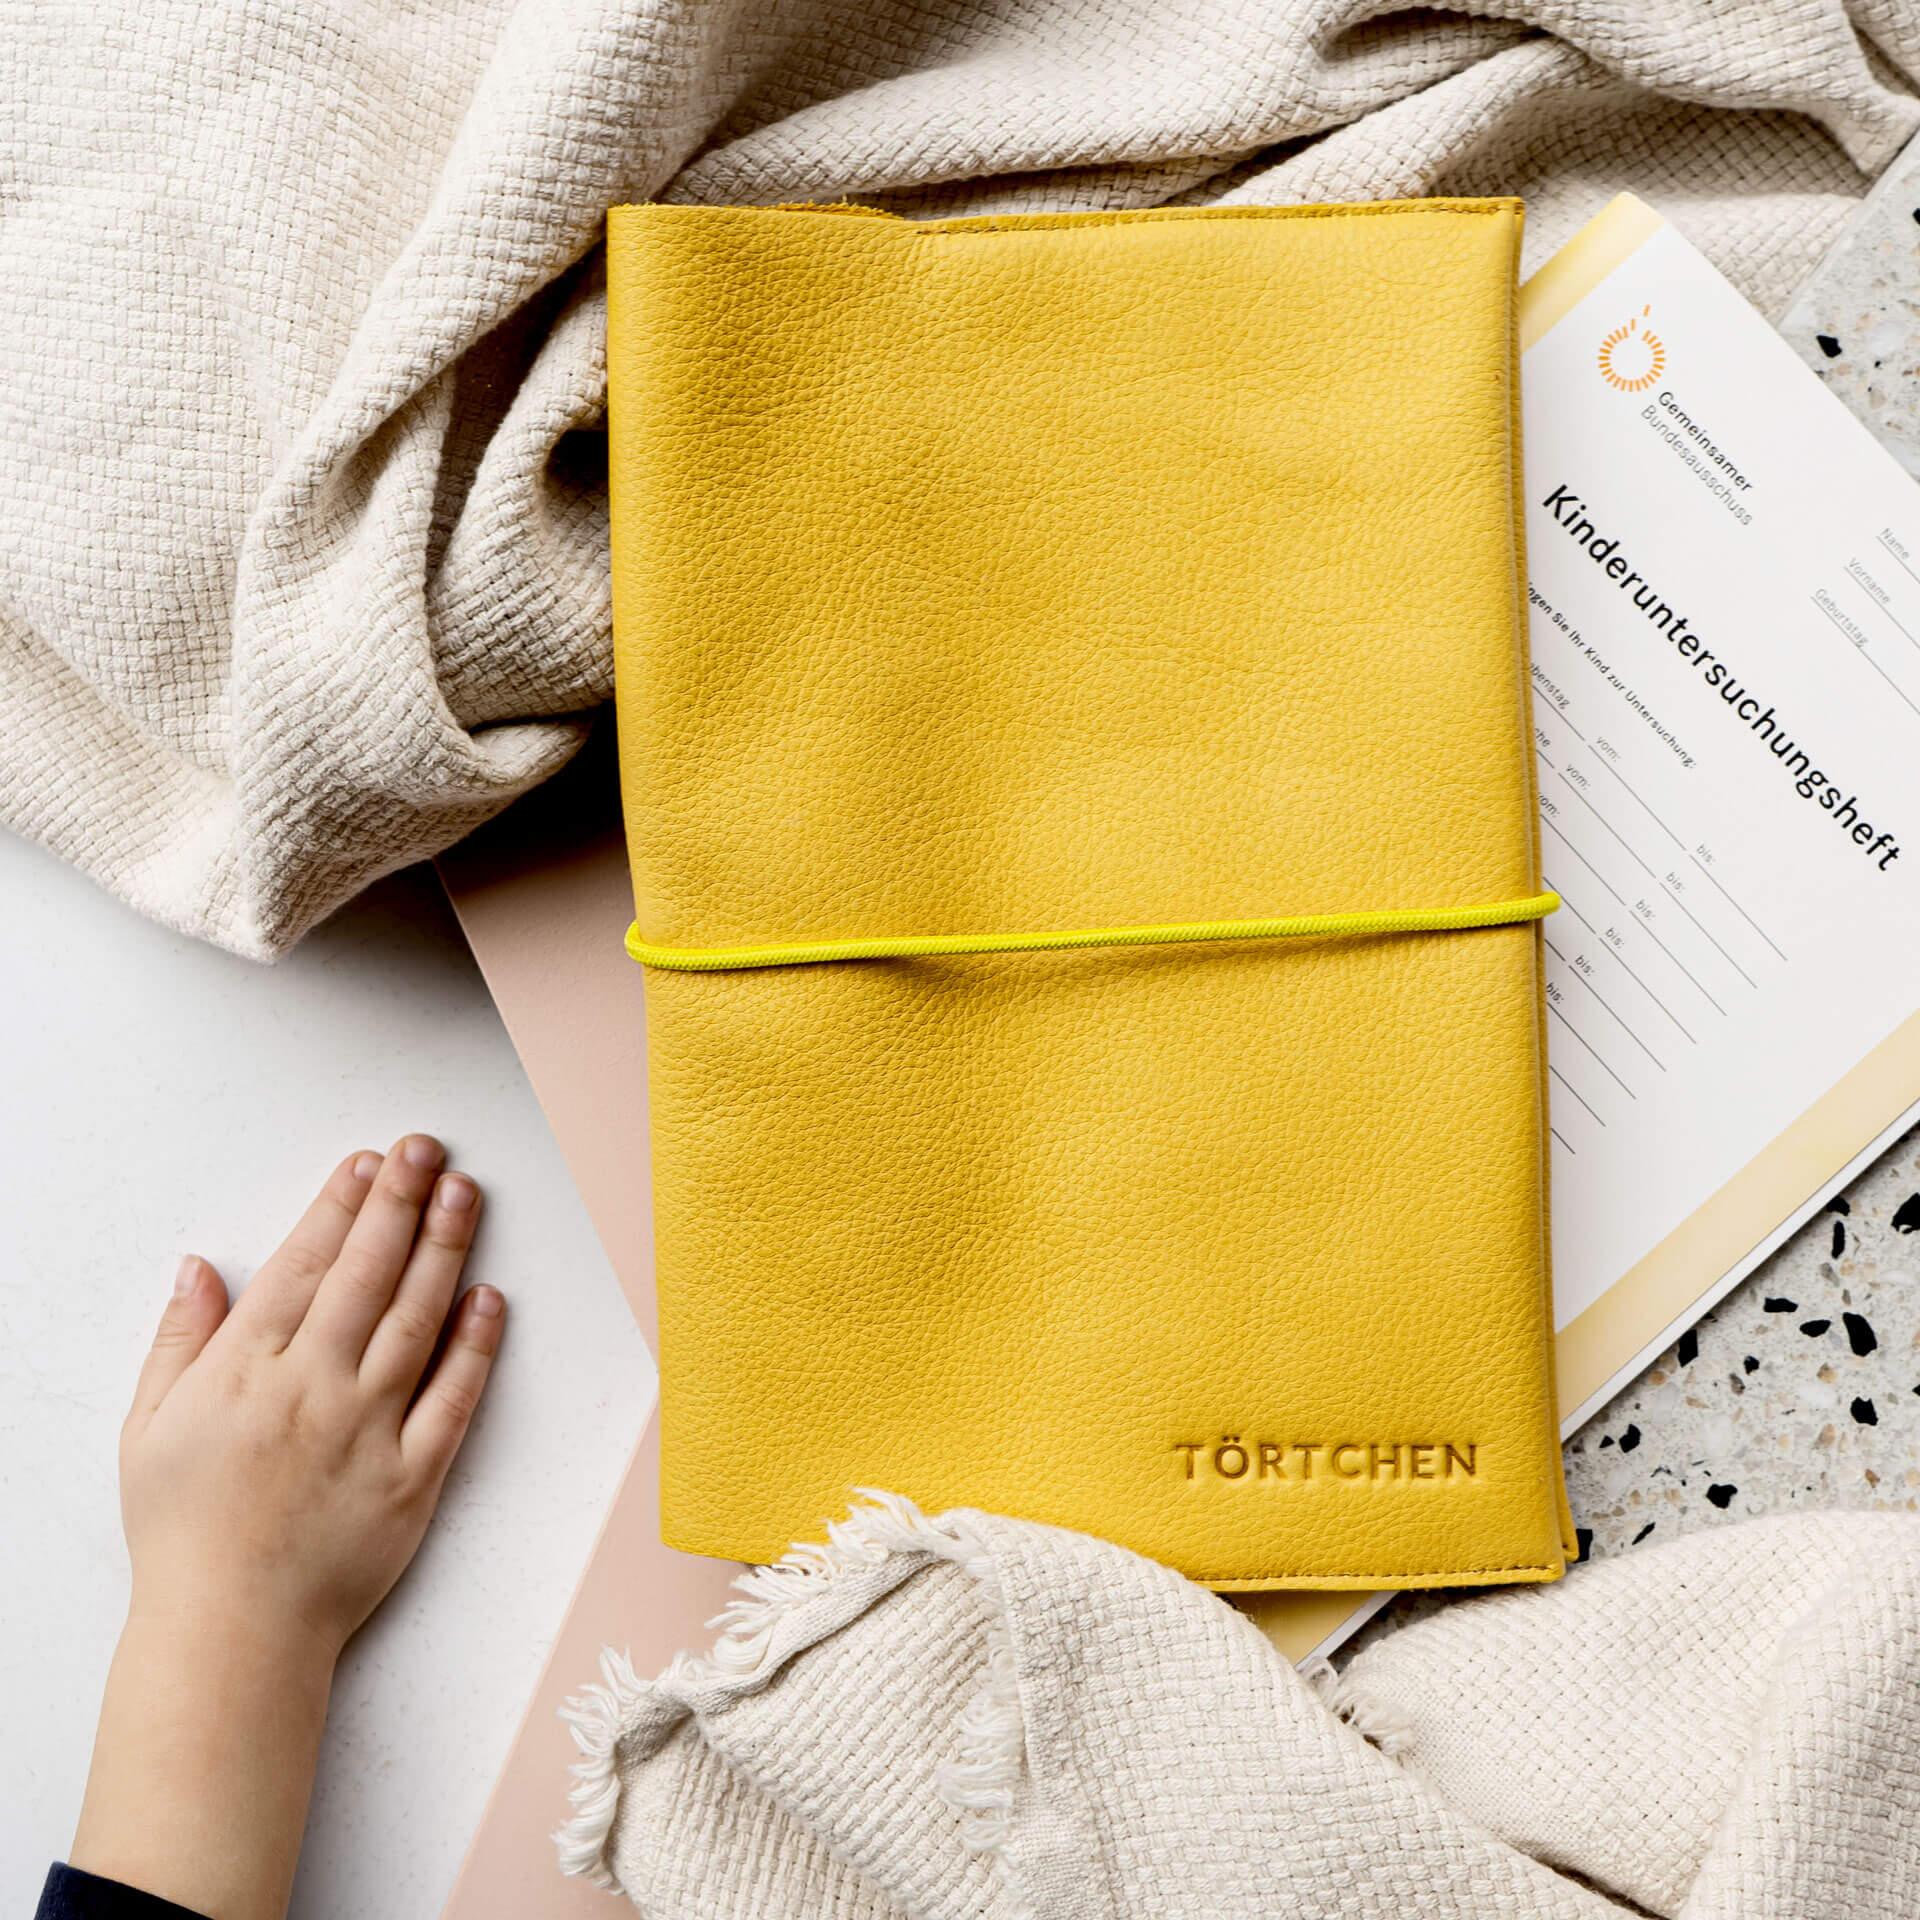 Auf unseren U-Hefthüllen kannst du einen Wunschtext deiner Wahl verewigen lassen. In diesem Fall: Törtchen.